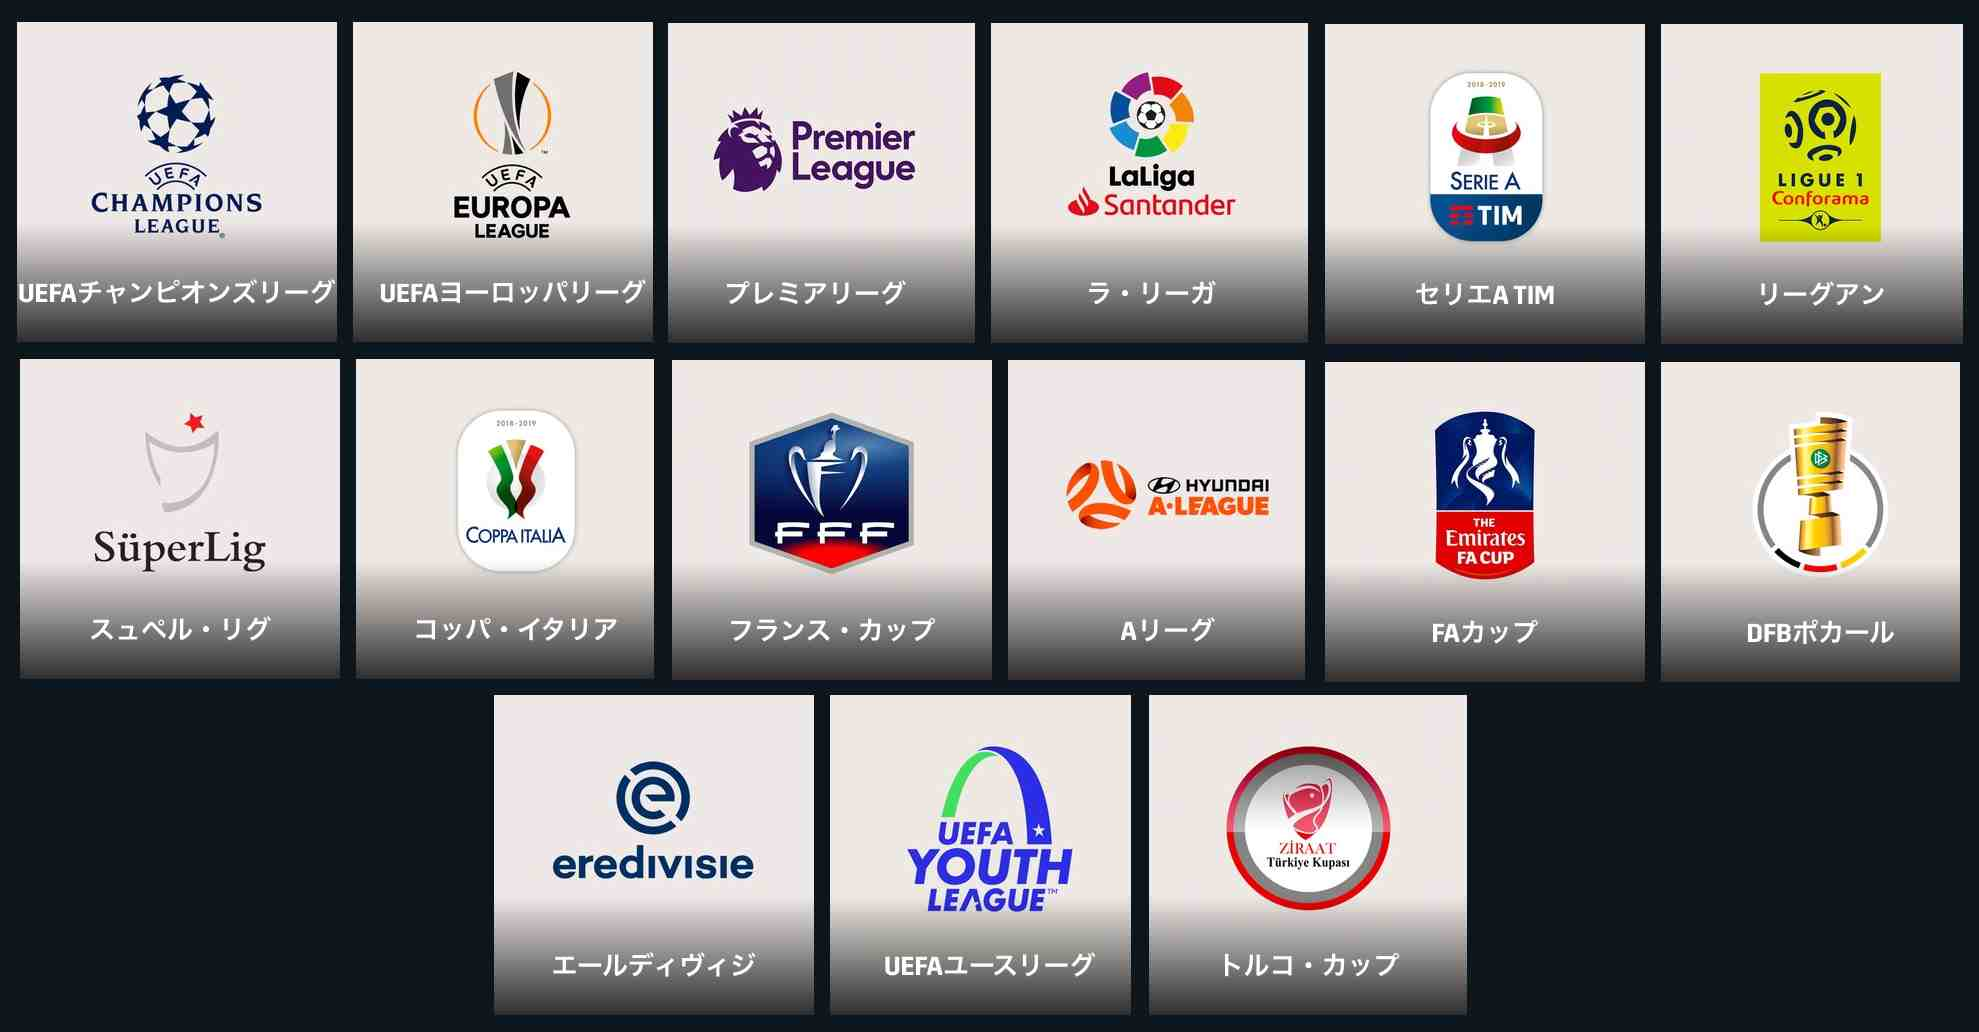 海外サッカーのラインナップが充実